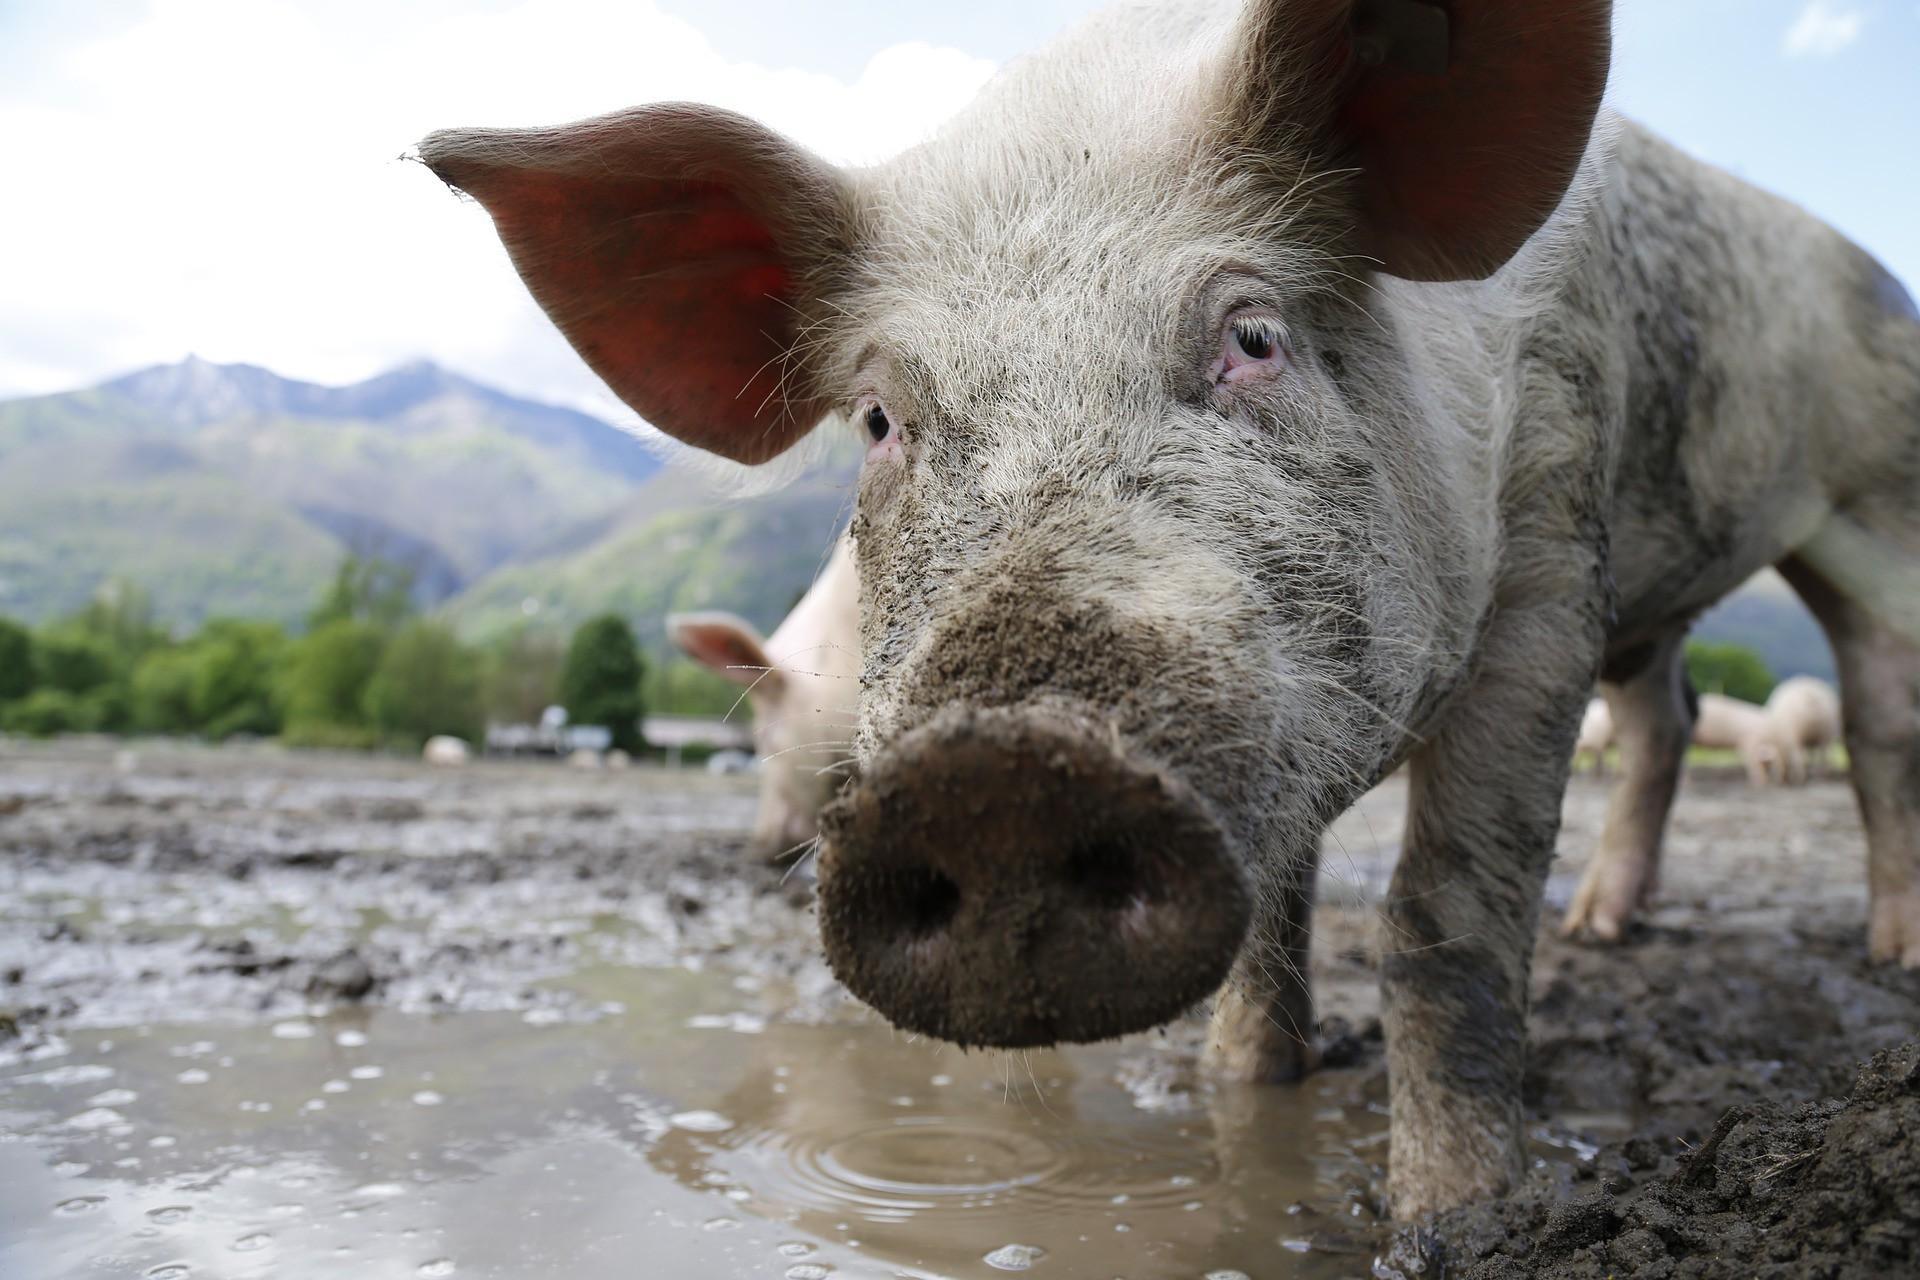 В ЦГБ Бийска поступила 4-летняя девочка, на которую напали четыре свиньи